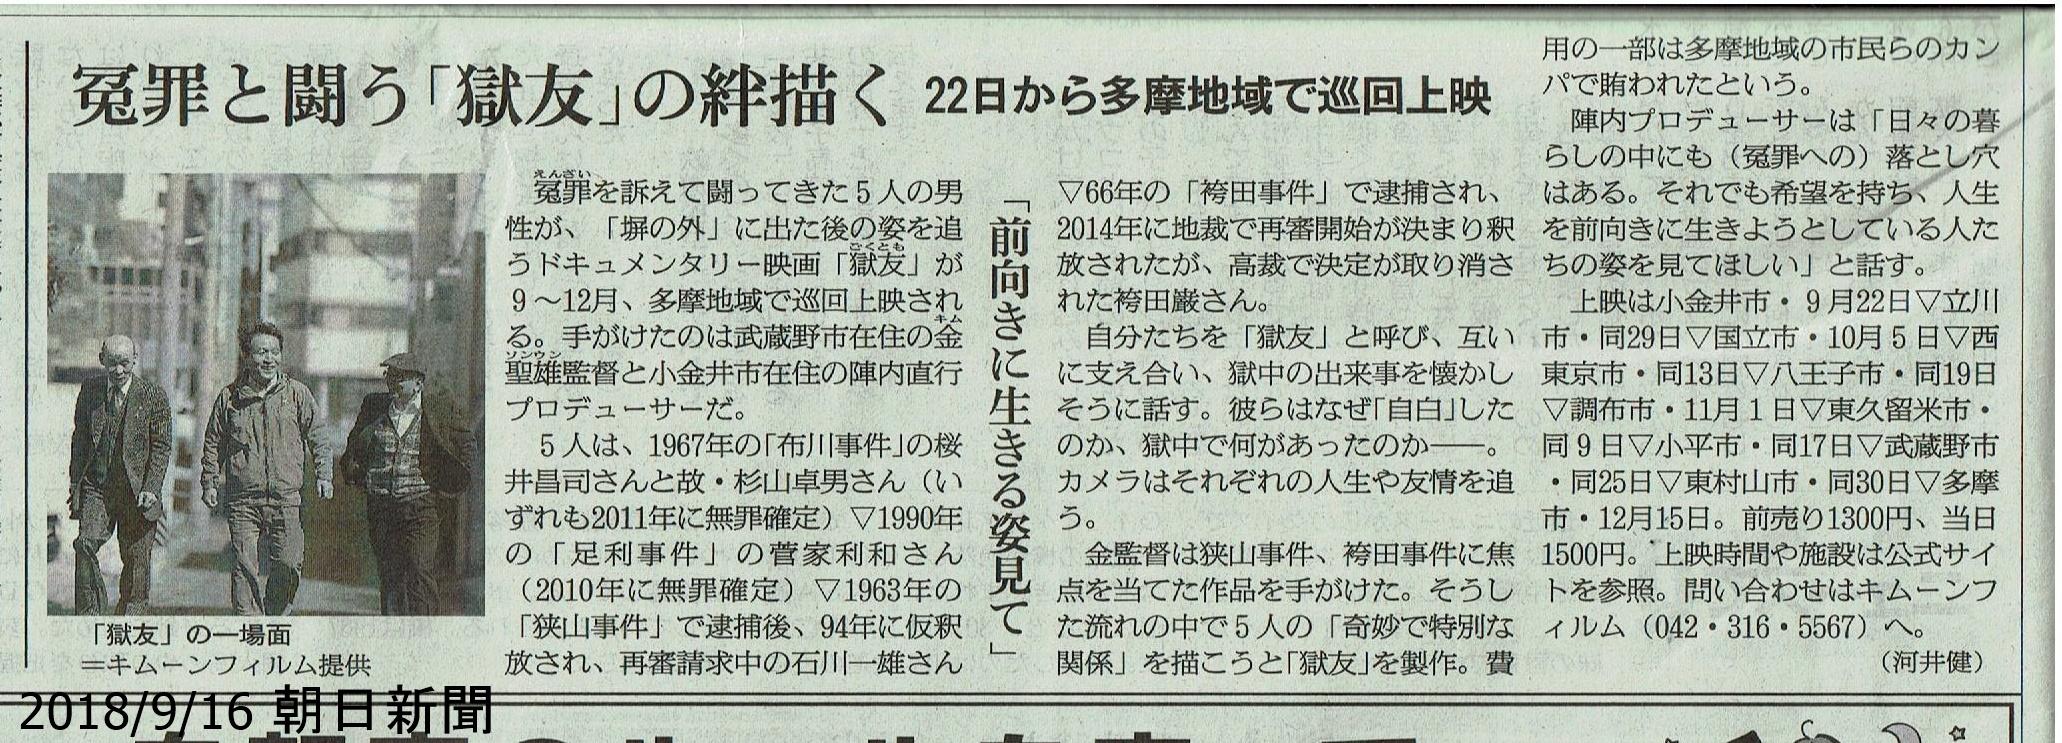 2018.9.16 朝日新聞